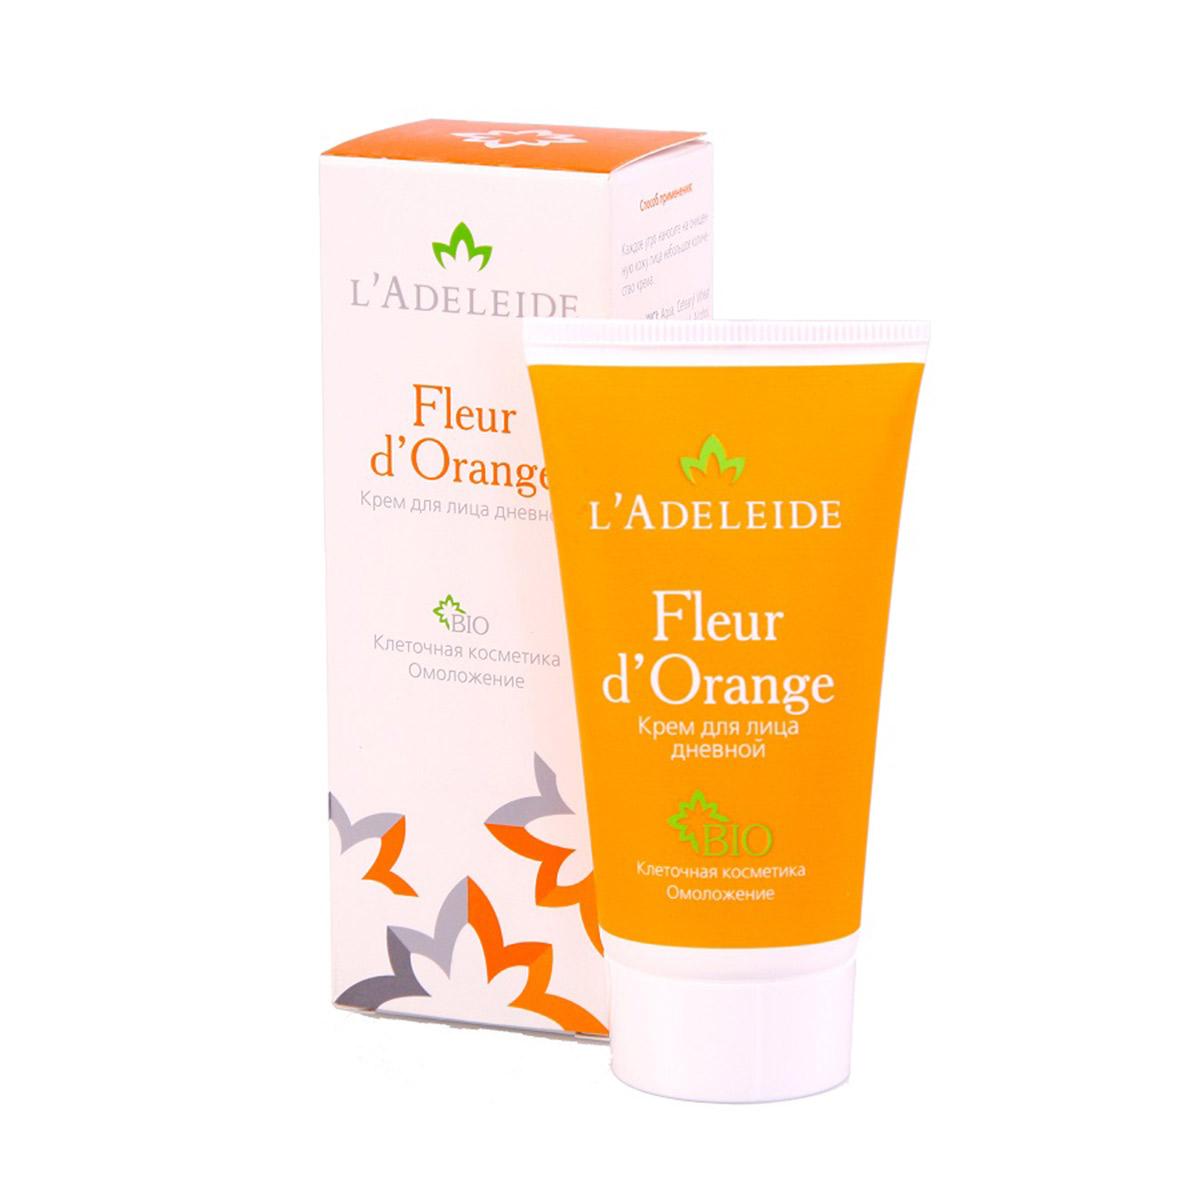 LAdeleide Крем дневной для лица Fleur dOrange, 50 млКС-422Клеточный комплекс для лица Fleur d'Orange – это косметика последнего поколения, разработанная против первых признаков старения. Разглаживает морщины, моделирует овал лица, увлажняет и укрепляет кожу. Активные компоненты крема на 100% натурального, растительного происхождения. В основе эффективности крема – клеточный комплекс MATRIXYL Synthe 6, гиалуроновая кислота и натуральные экстракты (апельсин, лимон, мандарин, яблоко, земляника и сахарный тростник). Активные компоненты: Matrixyl Synthe 6 - клеточный комплекс, заполняющий морщины изнутри, способствует устранению мимических морщин, стимулируя восстановление дермы. Гиалуроновая кислота 100% натурального происхождения Cristalhyal - увлажняющий компонент, предупреждает преждевременное старение. Xyliance обладает увлажняющими и восстанавливающими свойствами. Масло виноградной косточки оказывает питательное и омолаживающее действие. Cetiol Sensoft придает коже бархатистость. Д-Пантенол обладает регенерирующим, увлажняющим и разглаживающим действием. Аллантоин увлажняет, успокаивает, стимулирует образование здоровых тканей.